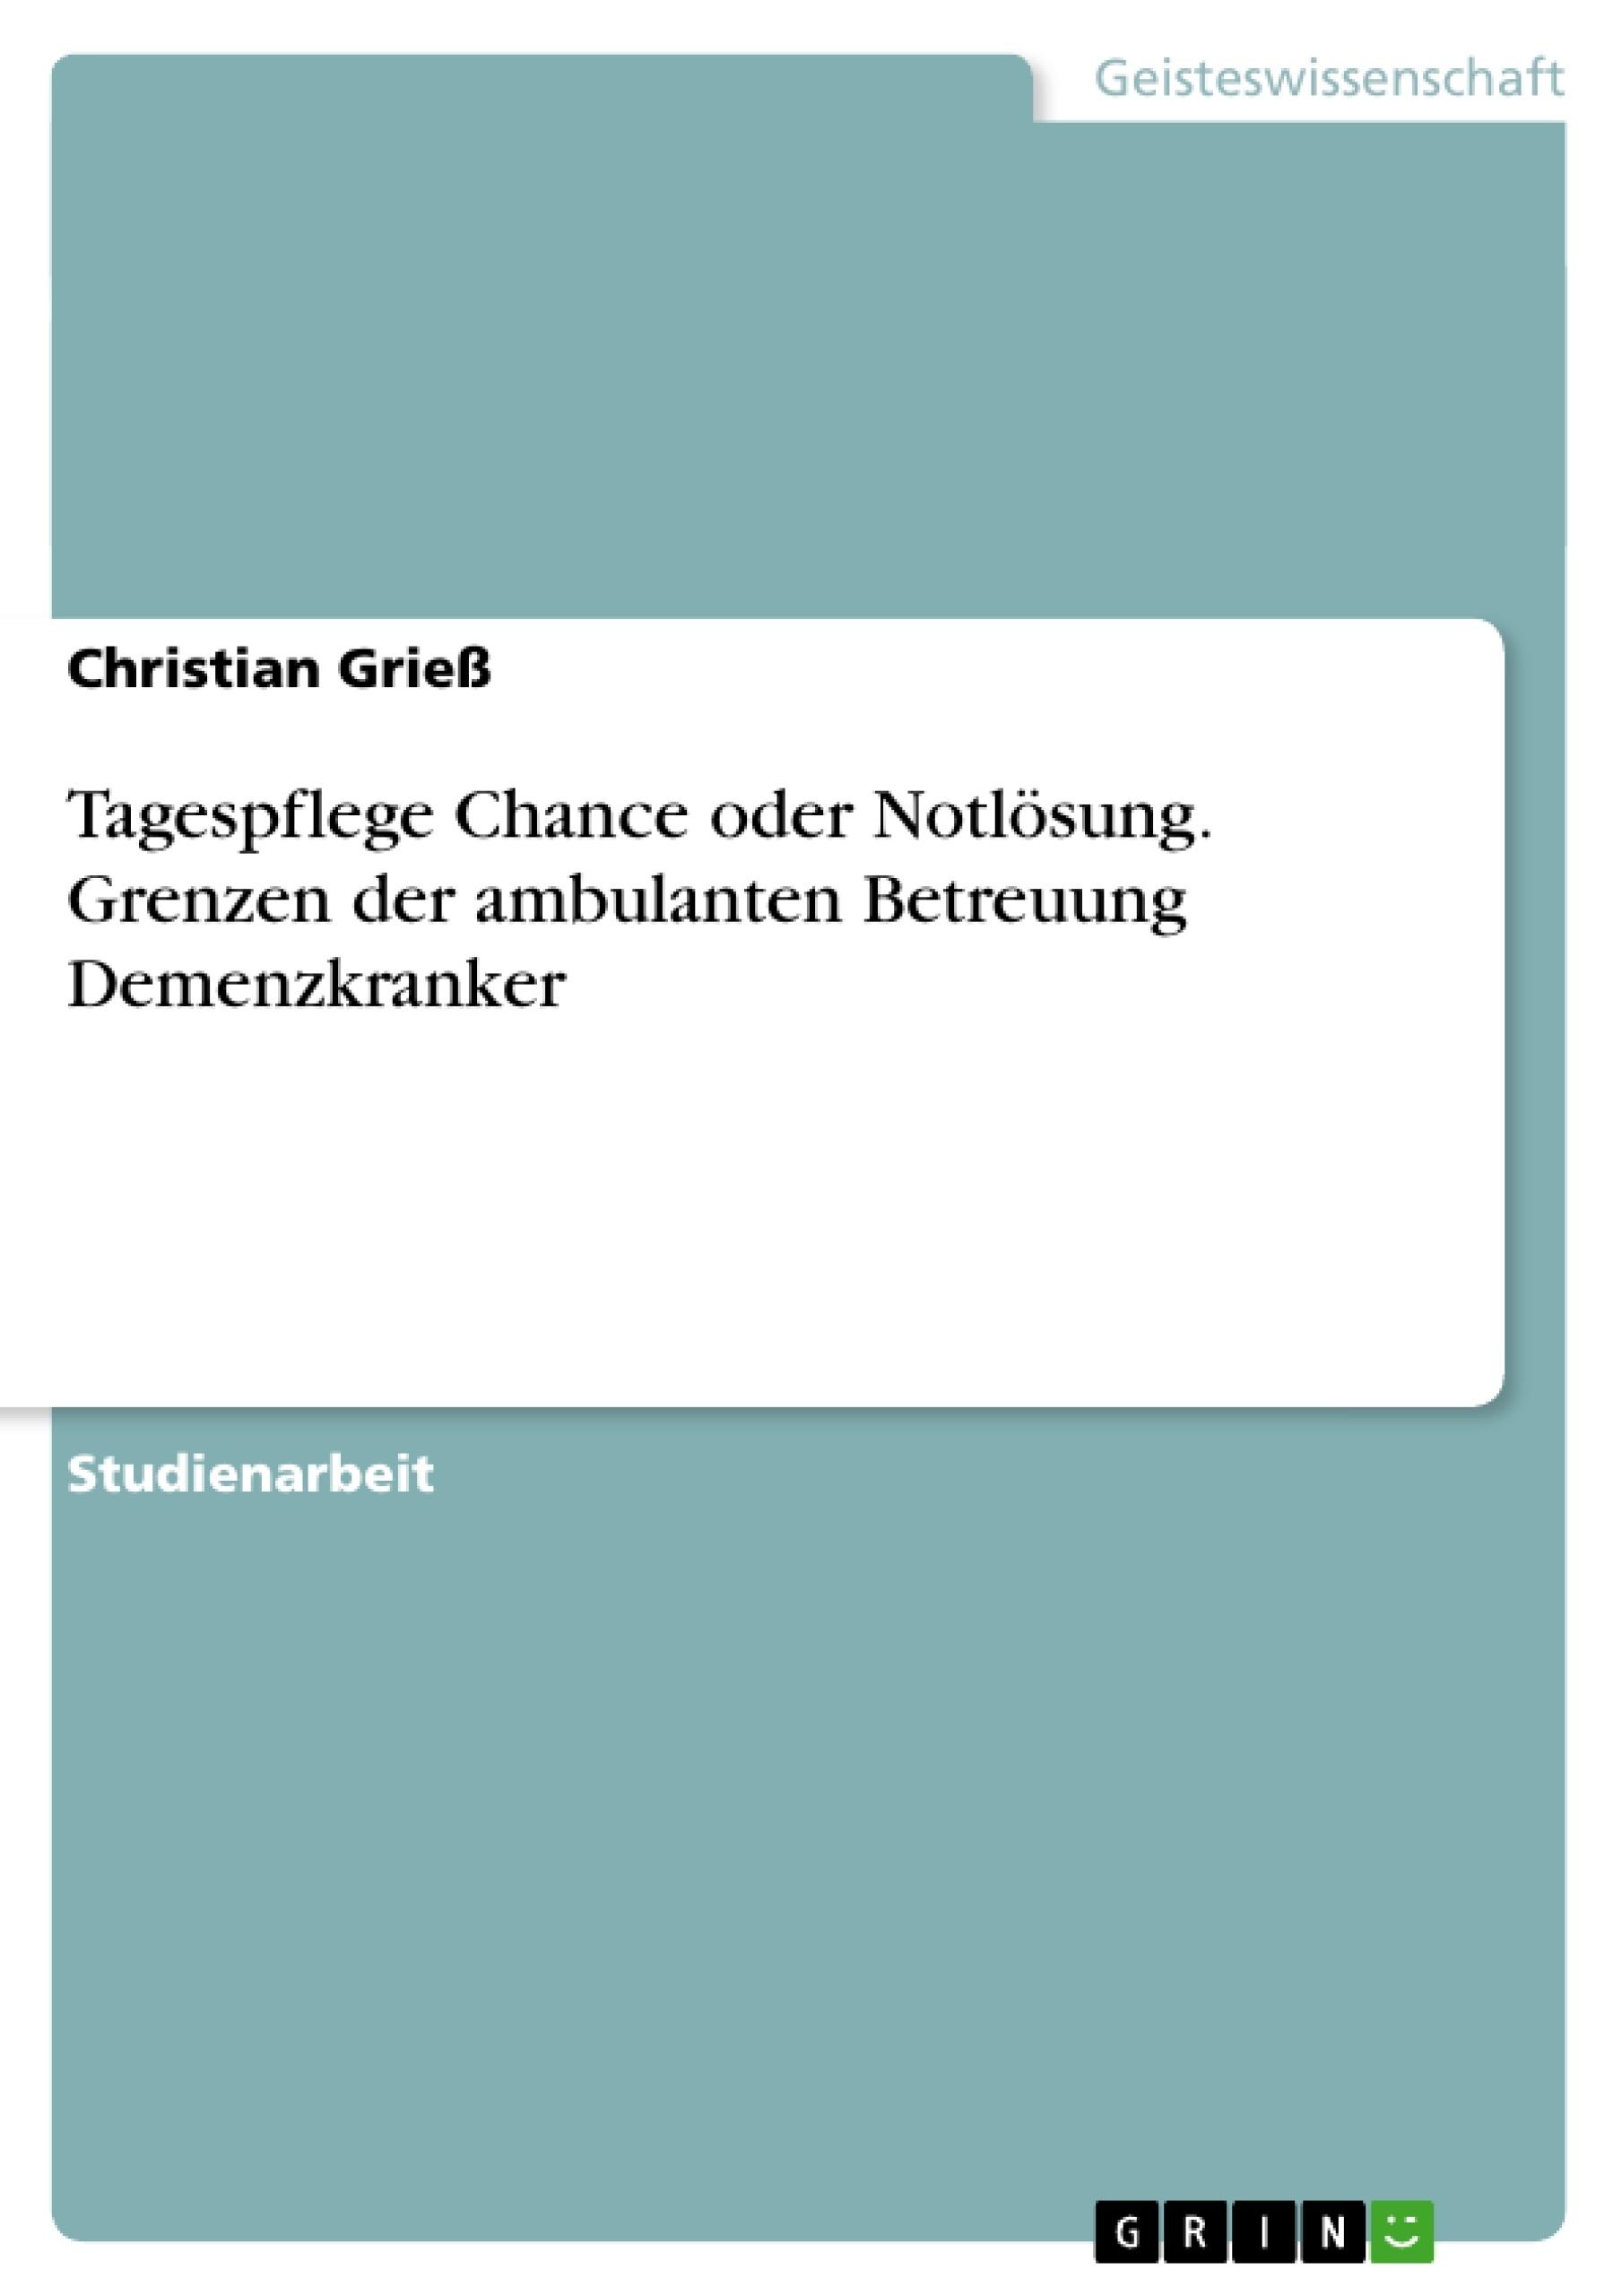 Titel: Tagespflege Chance oder Notlösung. Grenzen der ambulanten Betreuung Demenzkranker